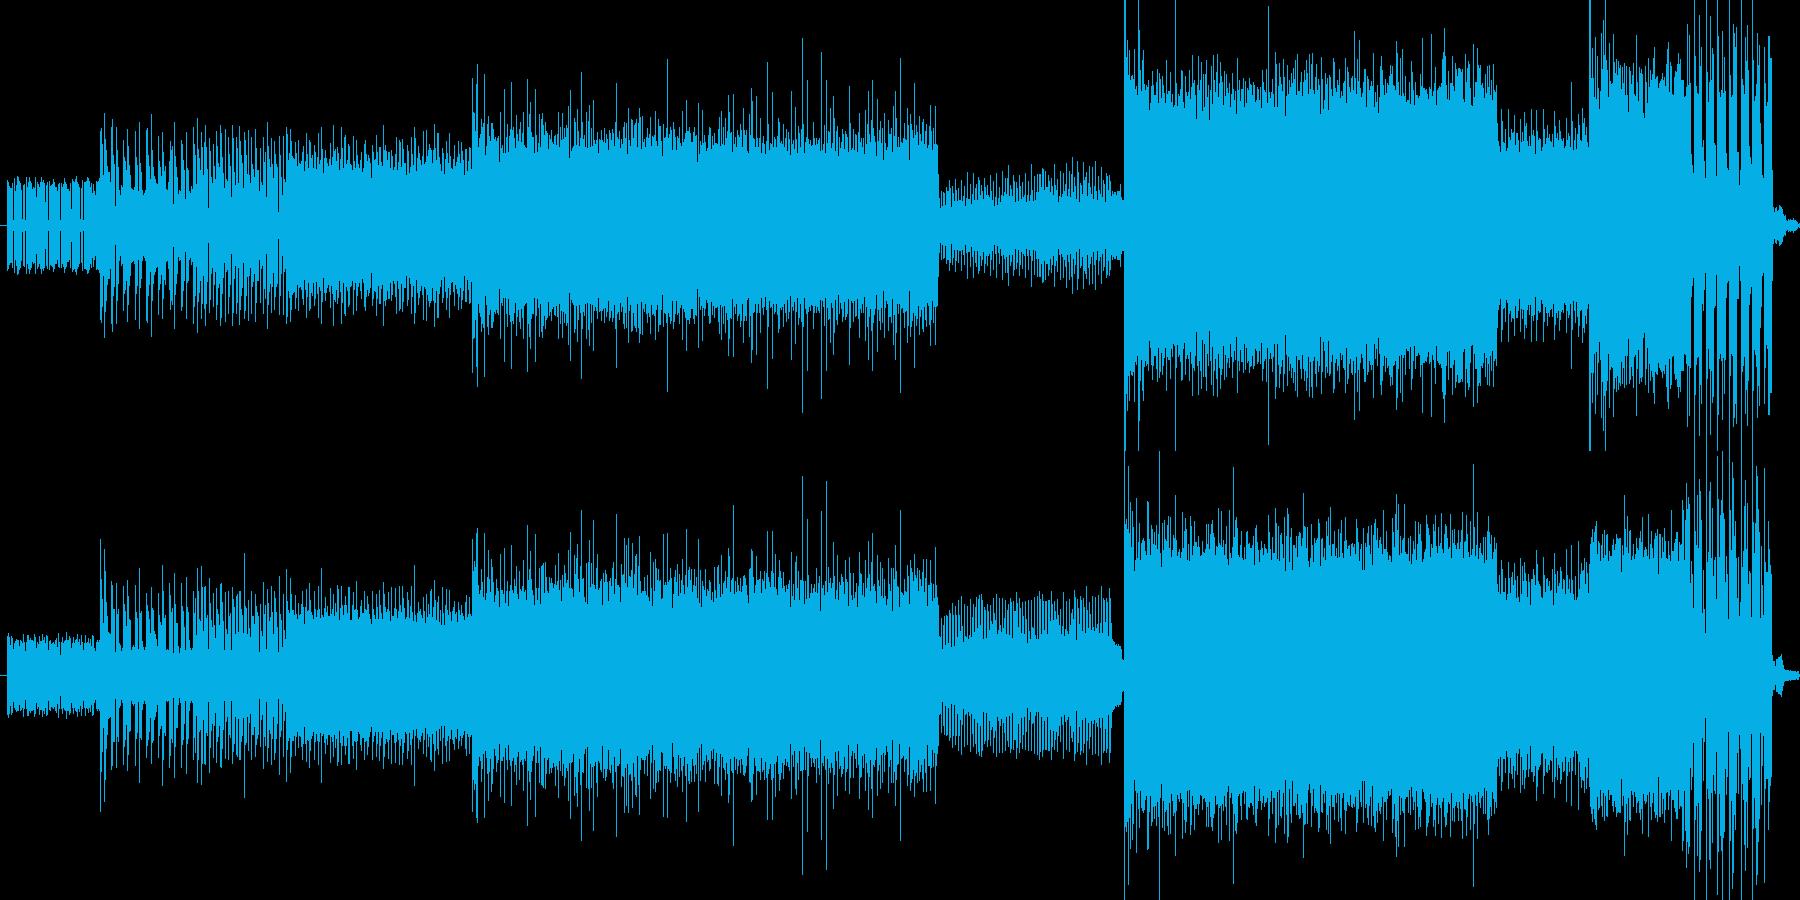 ダークでヘヴィで壮大なイメージの楽曲で…の再生済みの波形